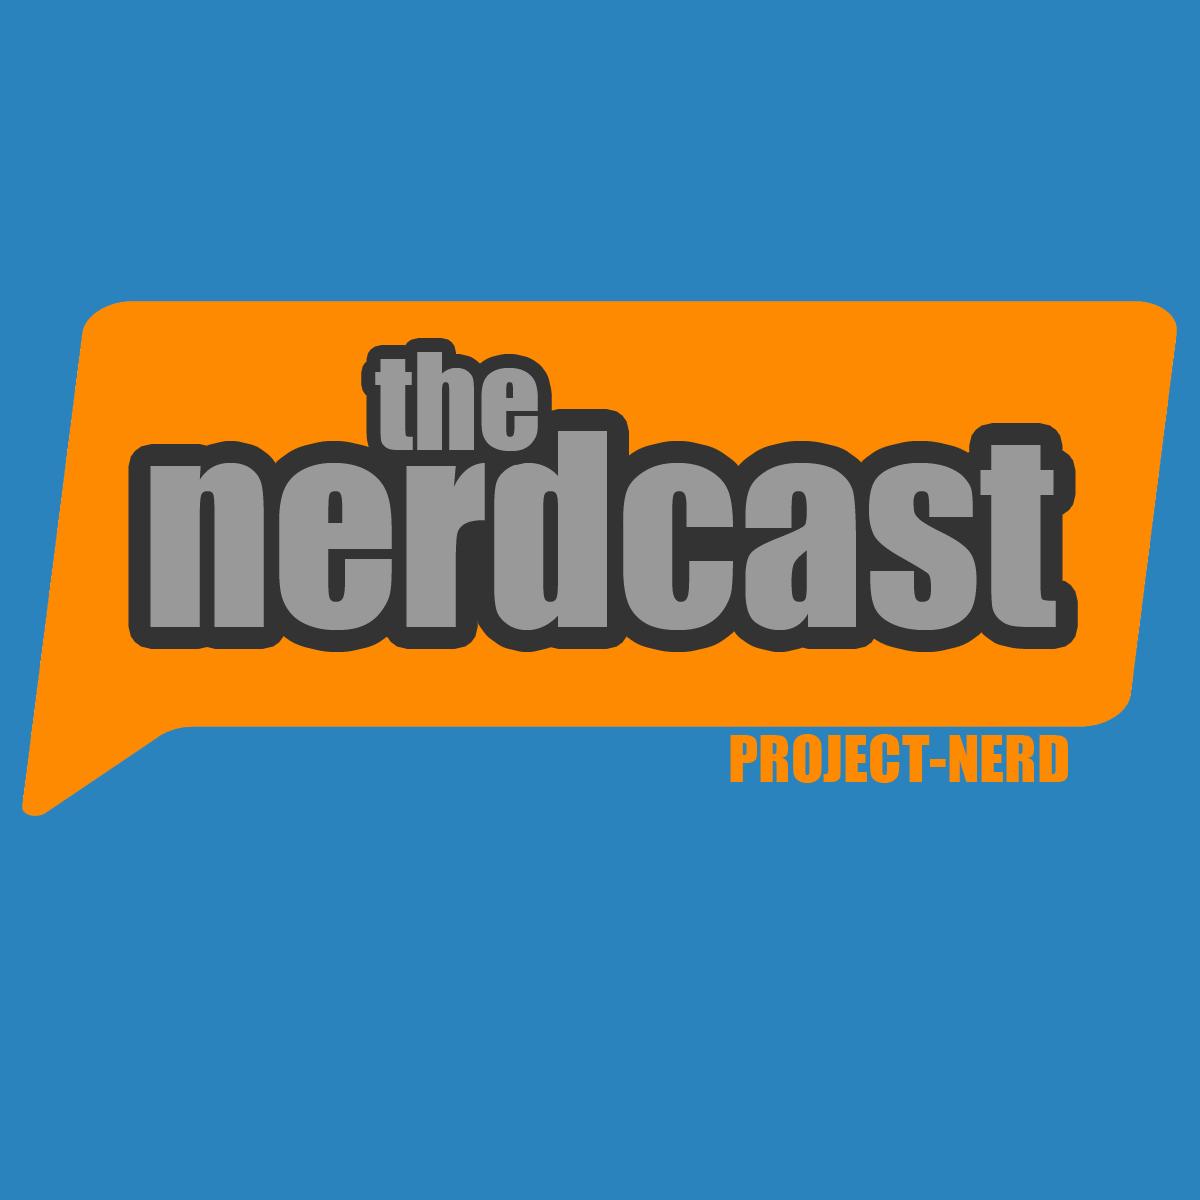 The Nerdcast